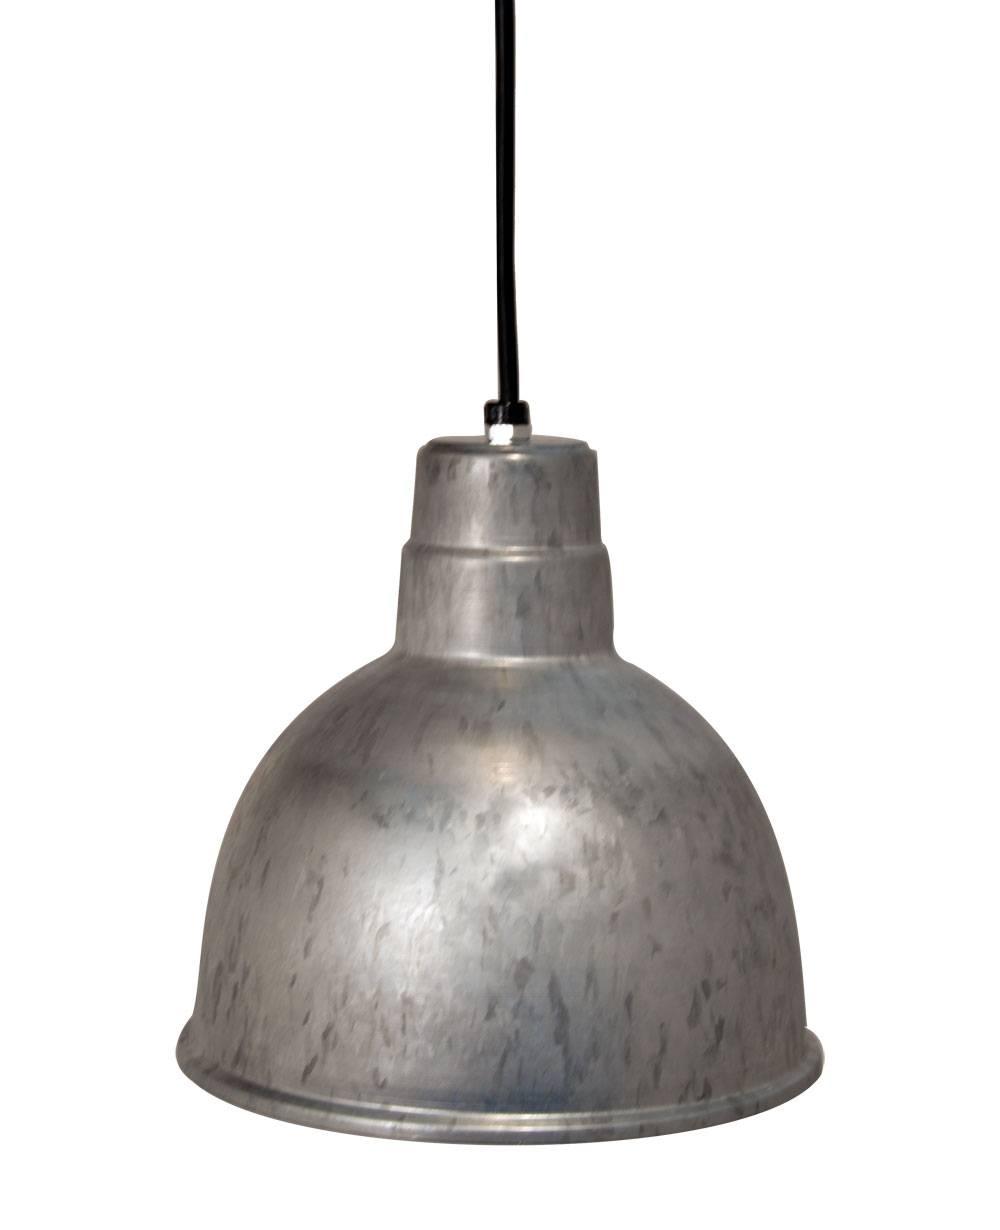 Barn Light Originals: 15 Inspirations Of Galvanized Barn Lights